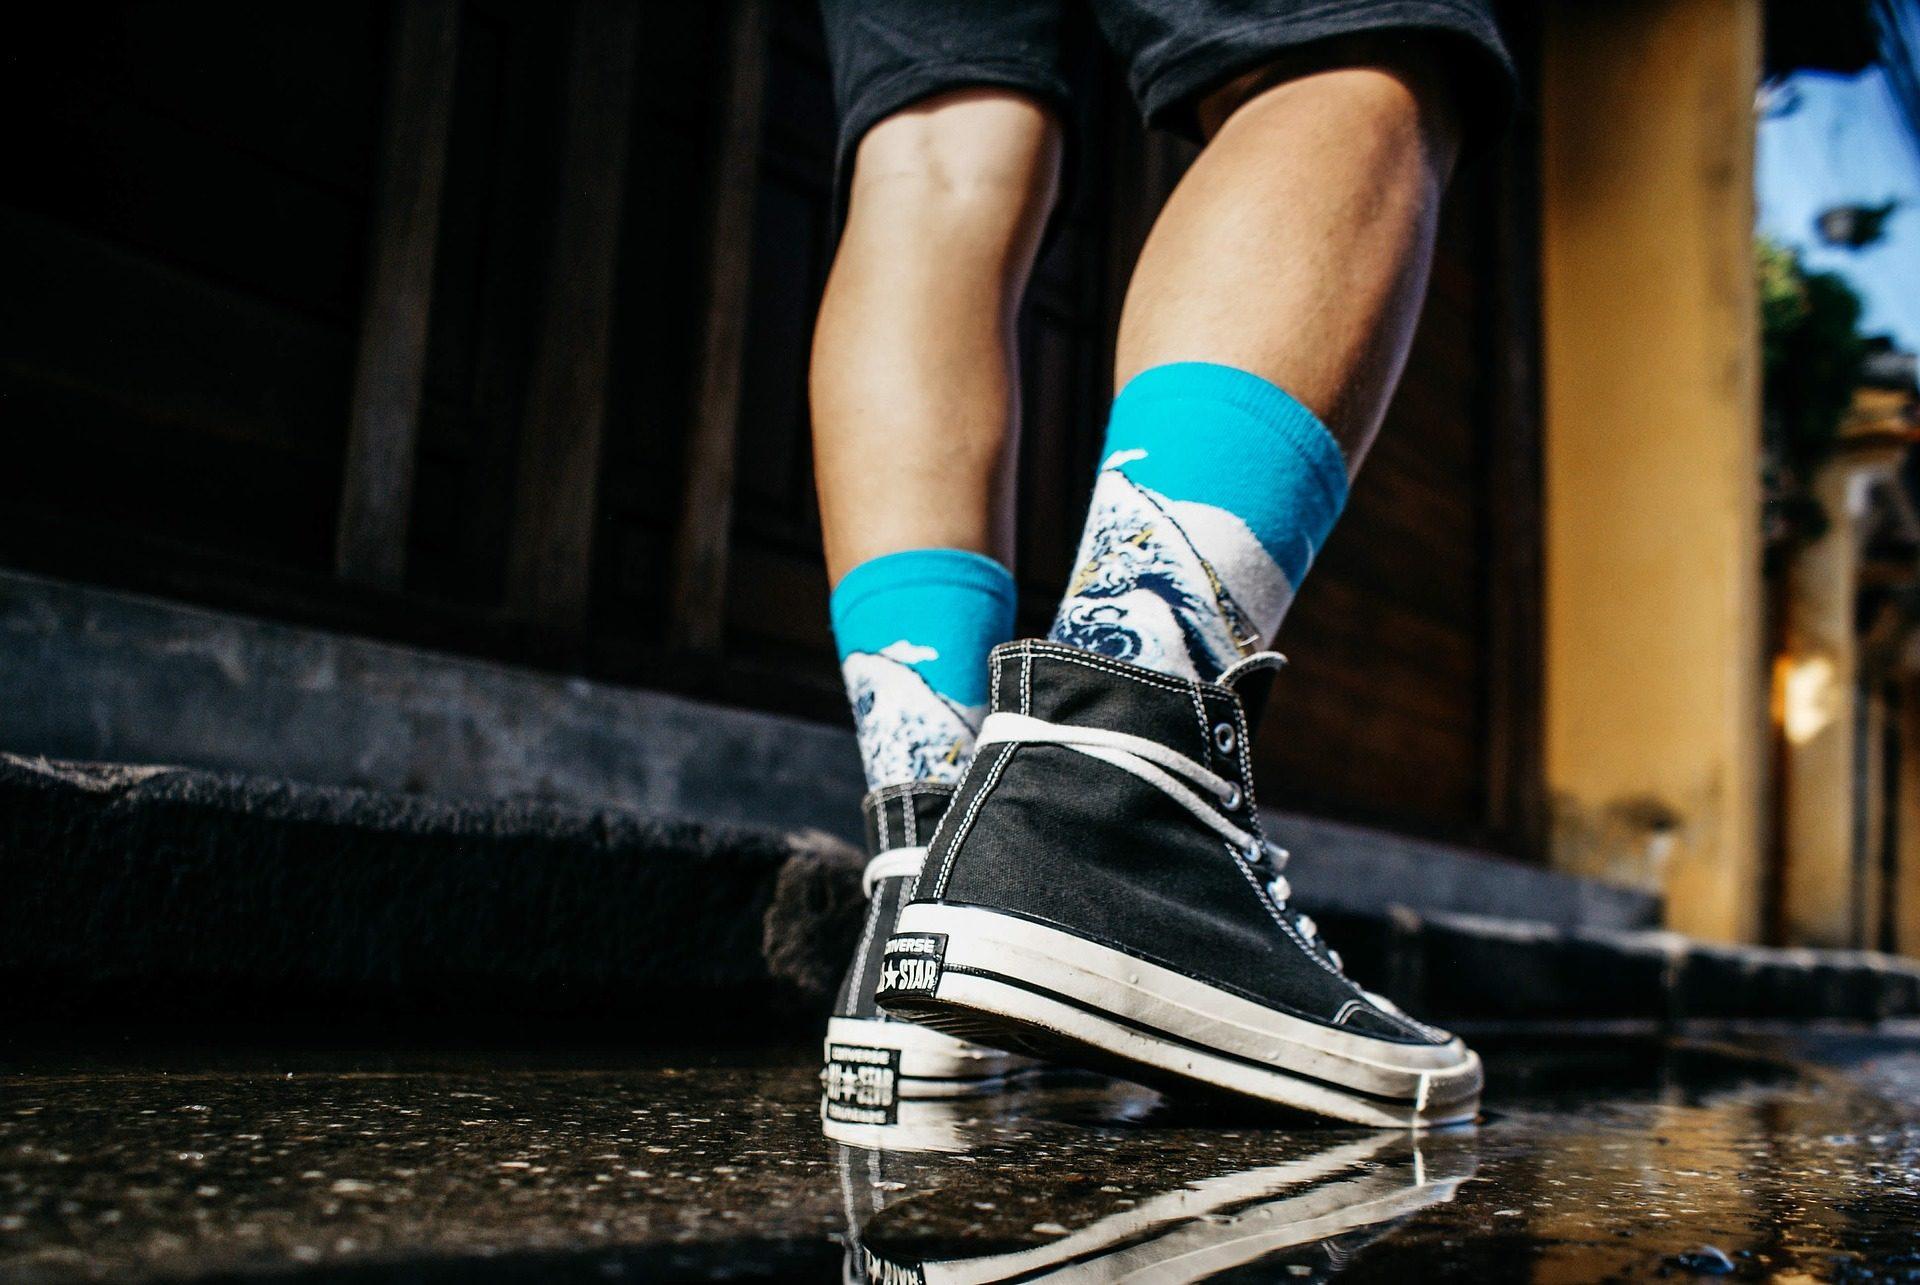 παπούτσια, υποδήματα, κάλτσες, Δίδυμα, πόδια, με τα πόδια - Wallpapers HD - Professor-falken.com